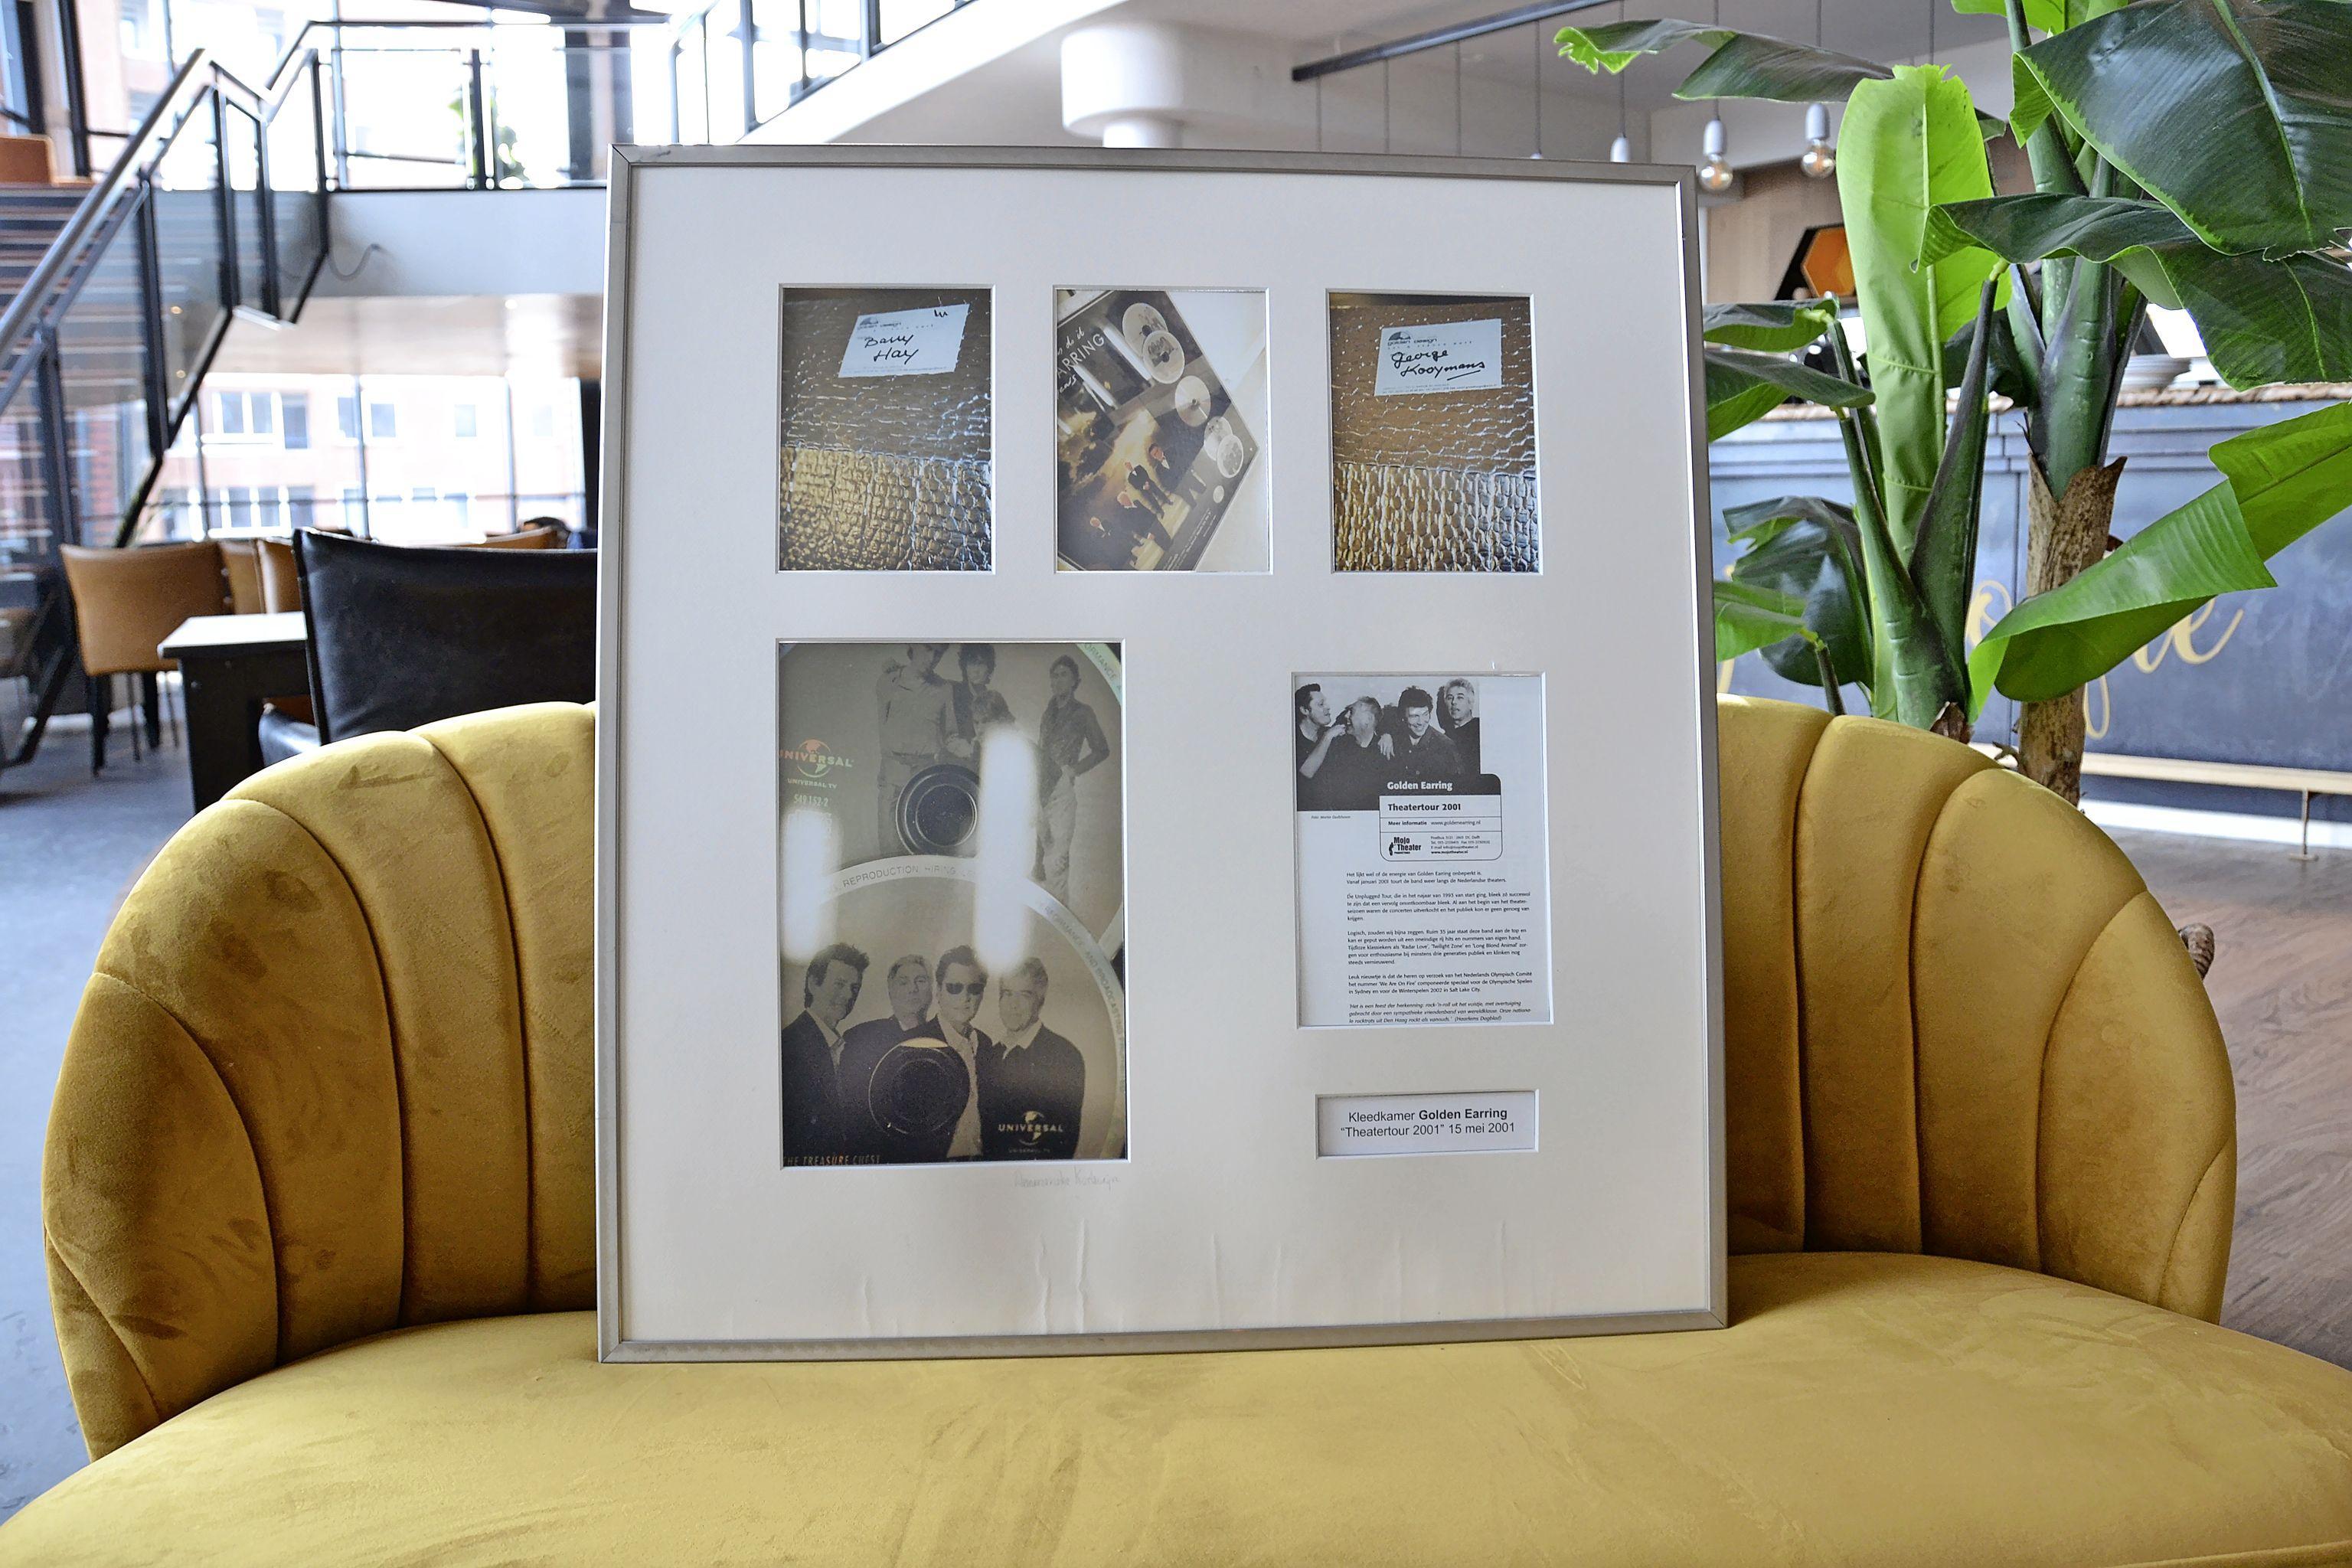 Benefietveiling voor 'Zaanstormend' levert ruim 1200 euro op: fotocollage Golden Earring meest populair